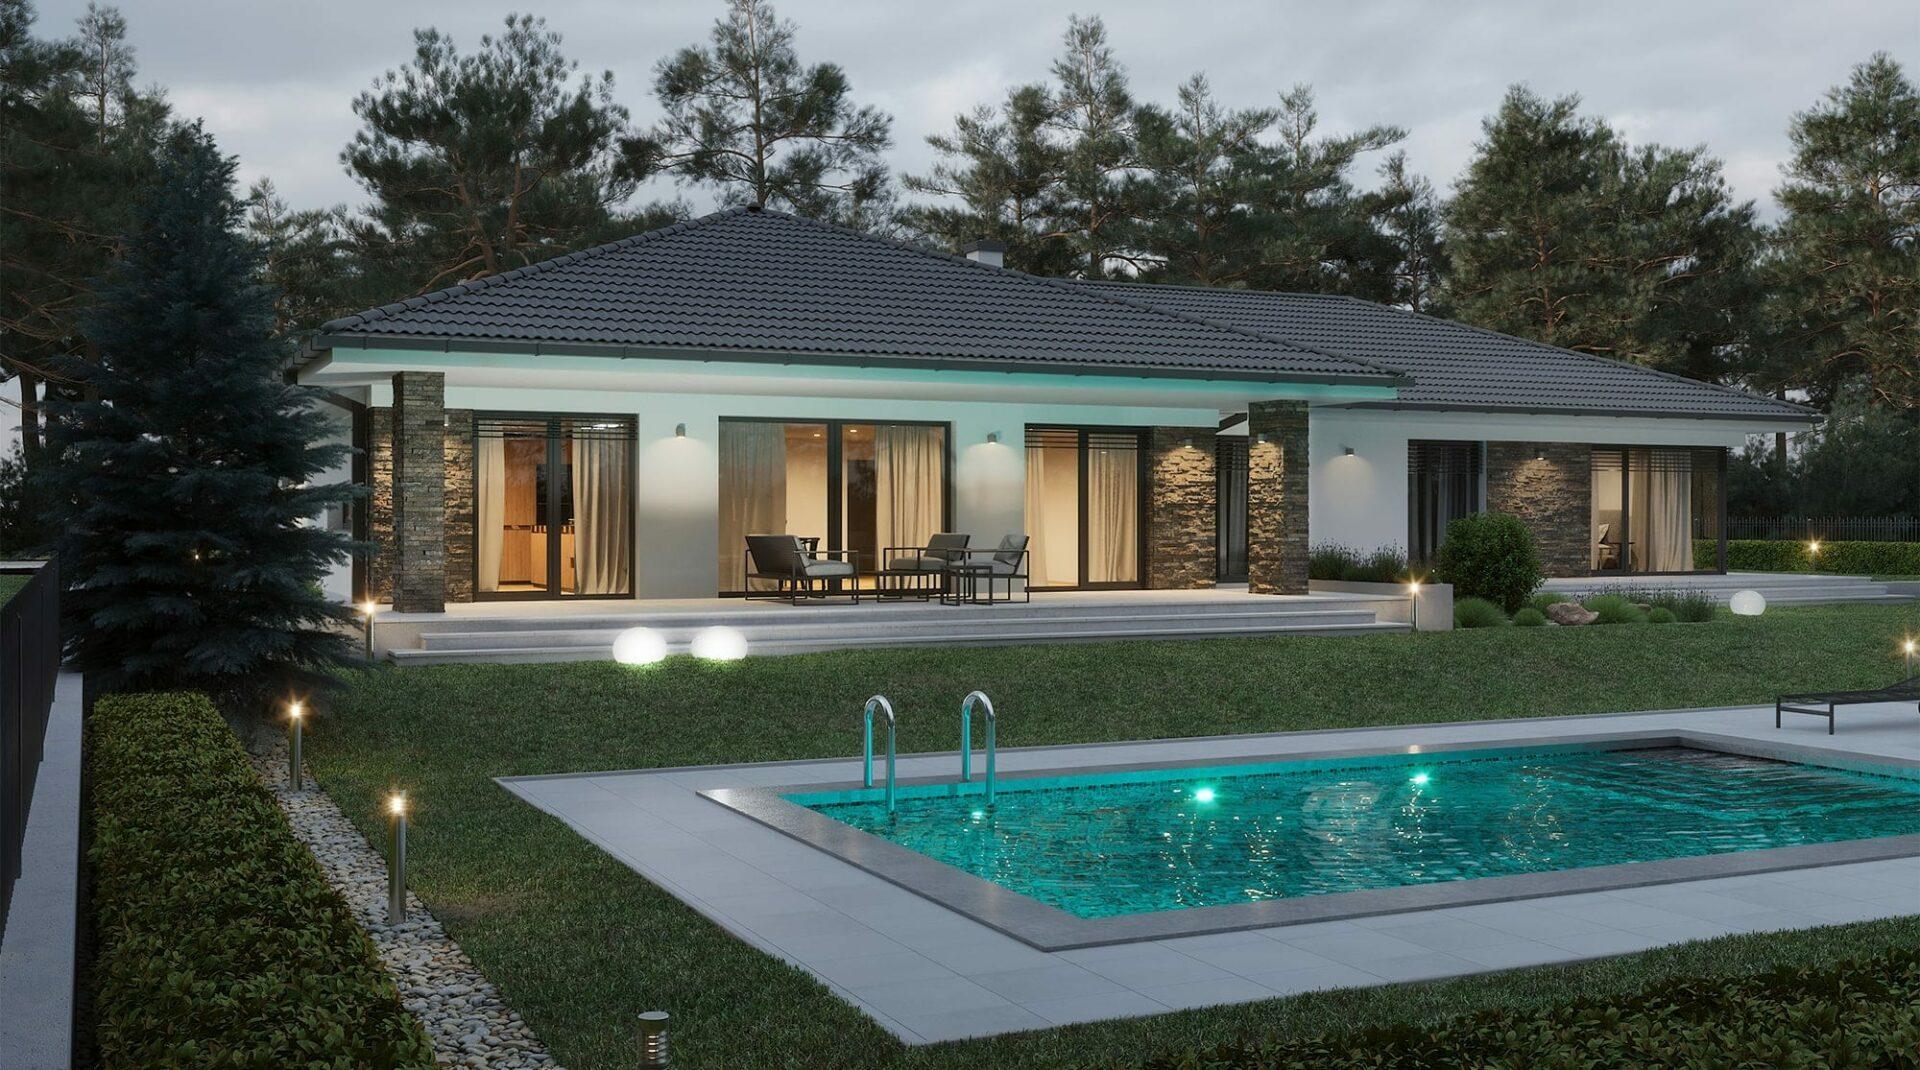 projekt rodinného domu style 232